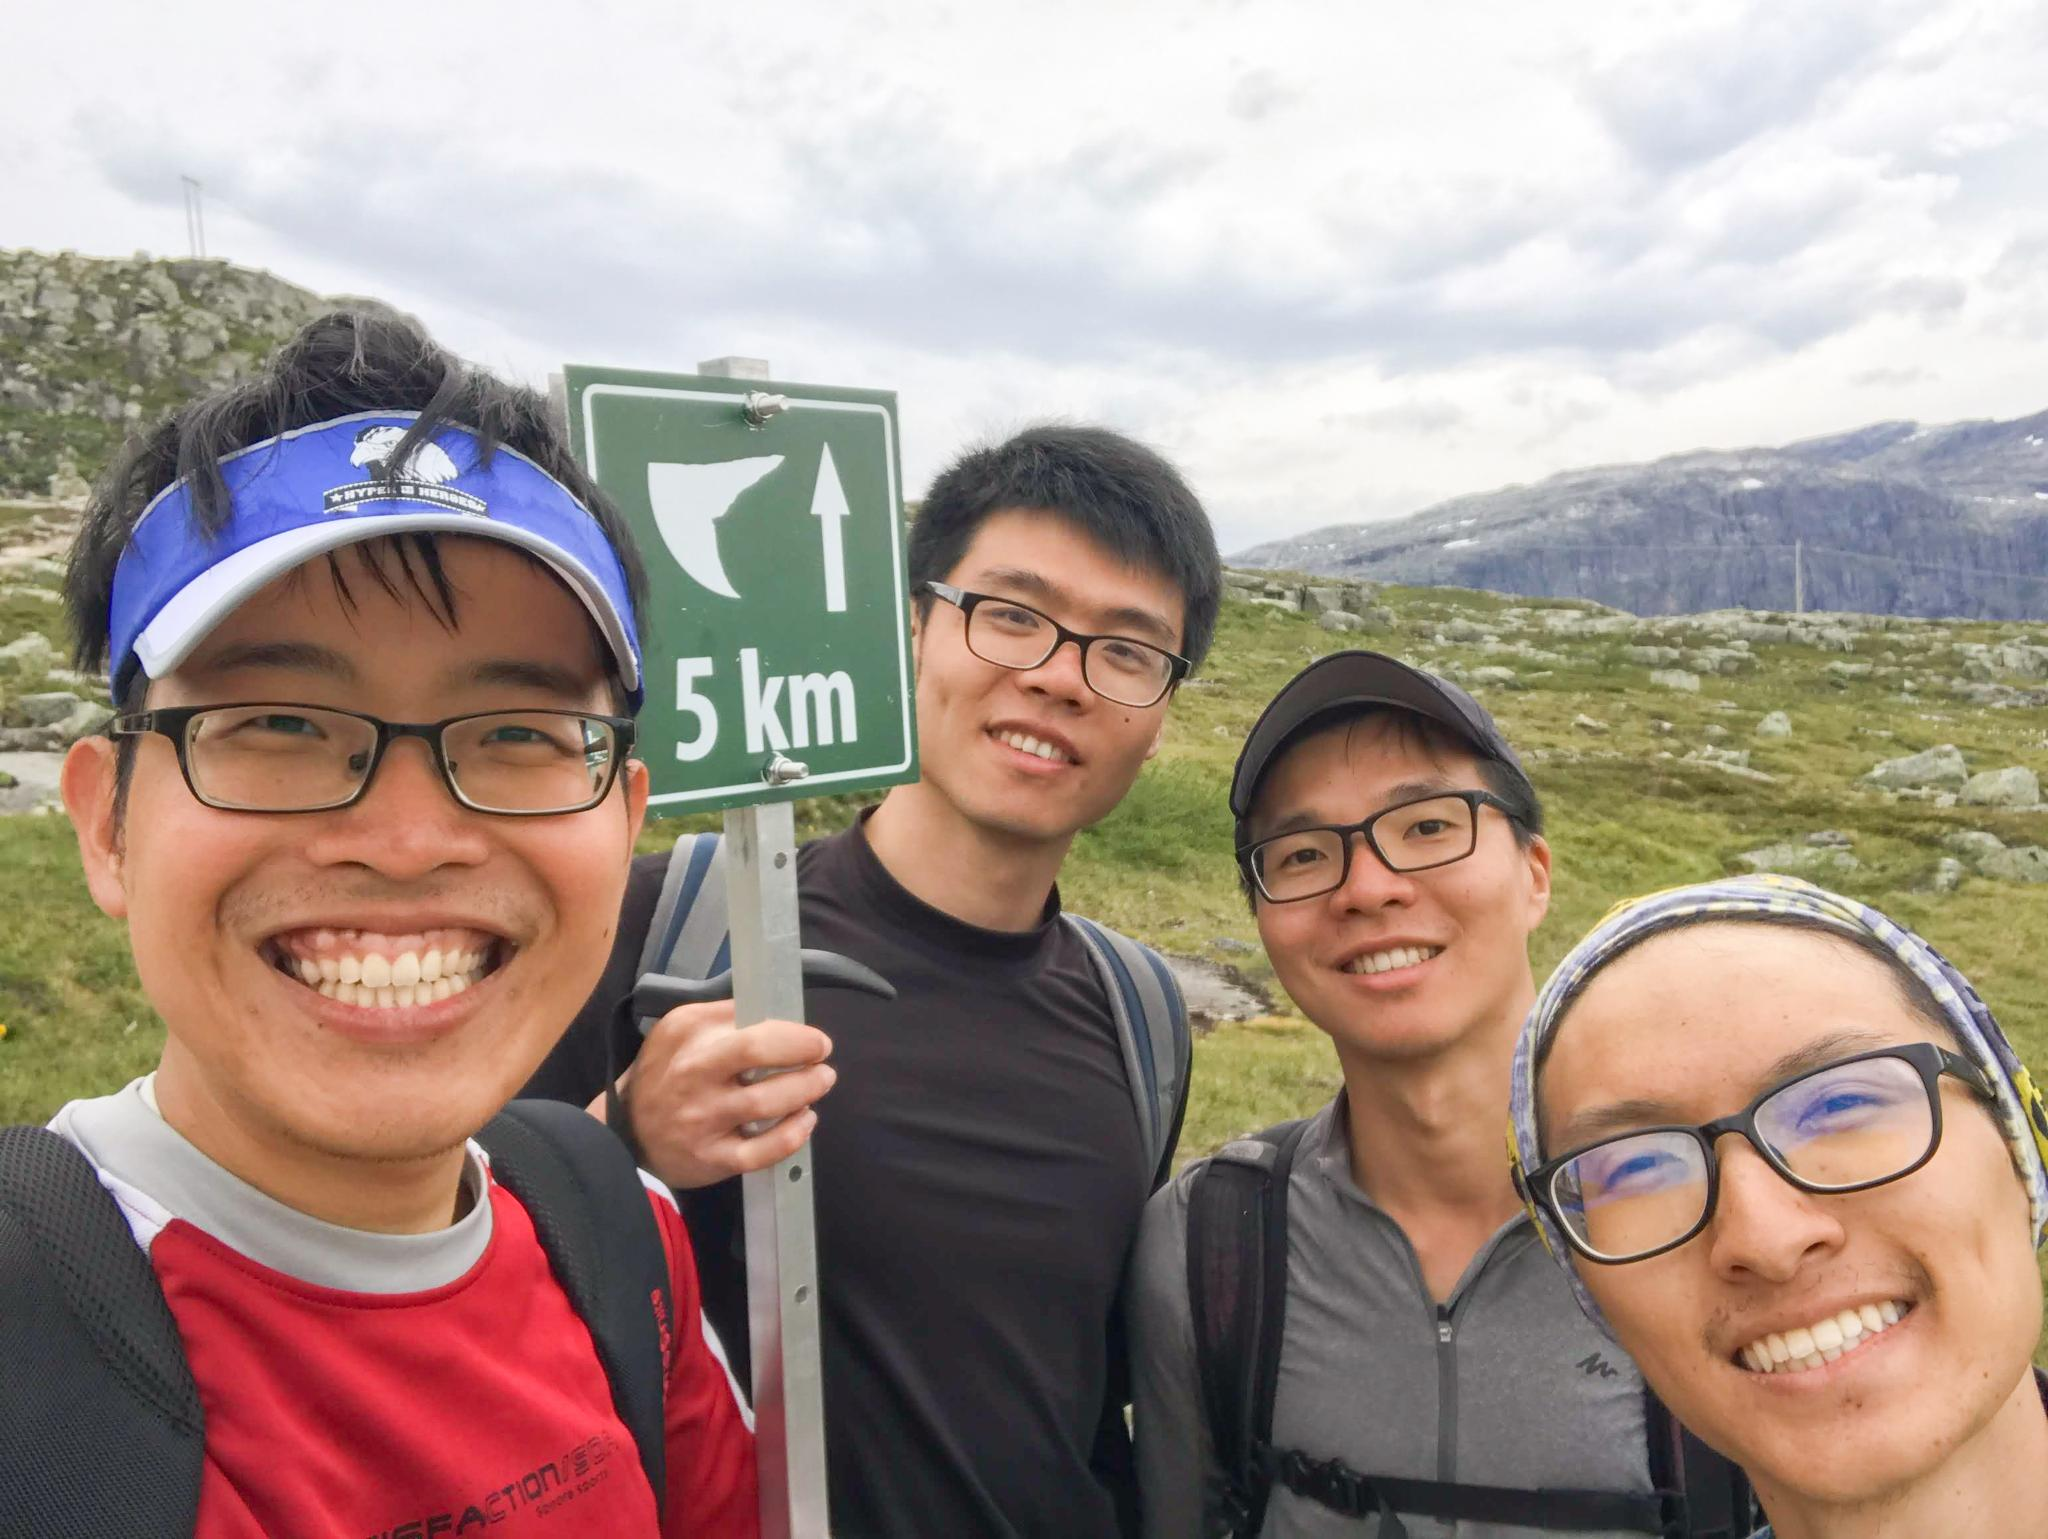 【北歐景點】挪威惡魔之舌 Trolltunga — 28公里健行挑戰全攻略 203